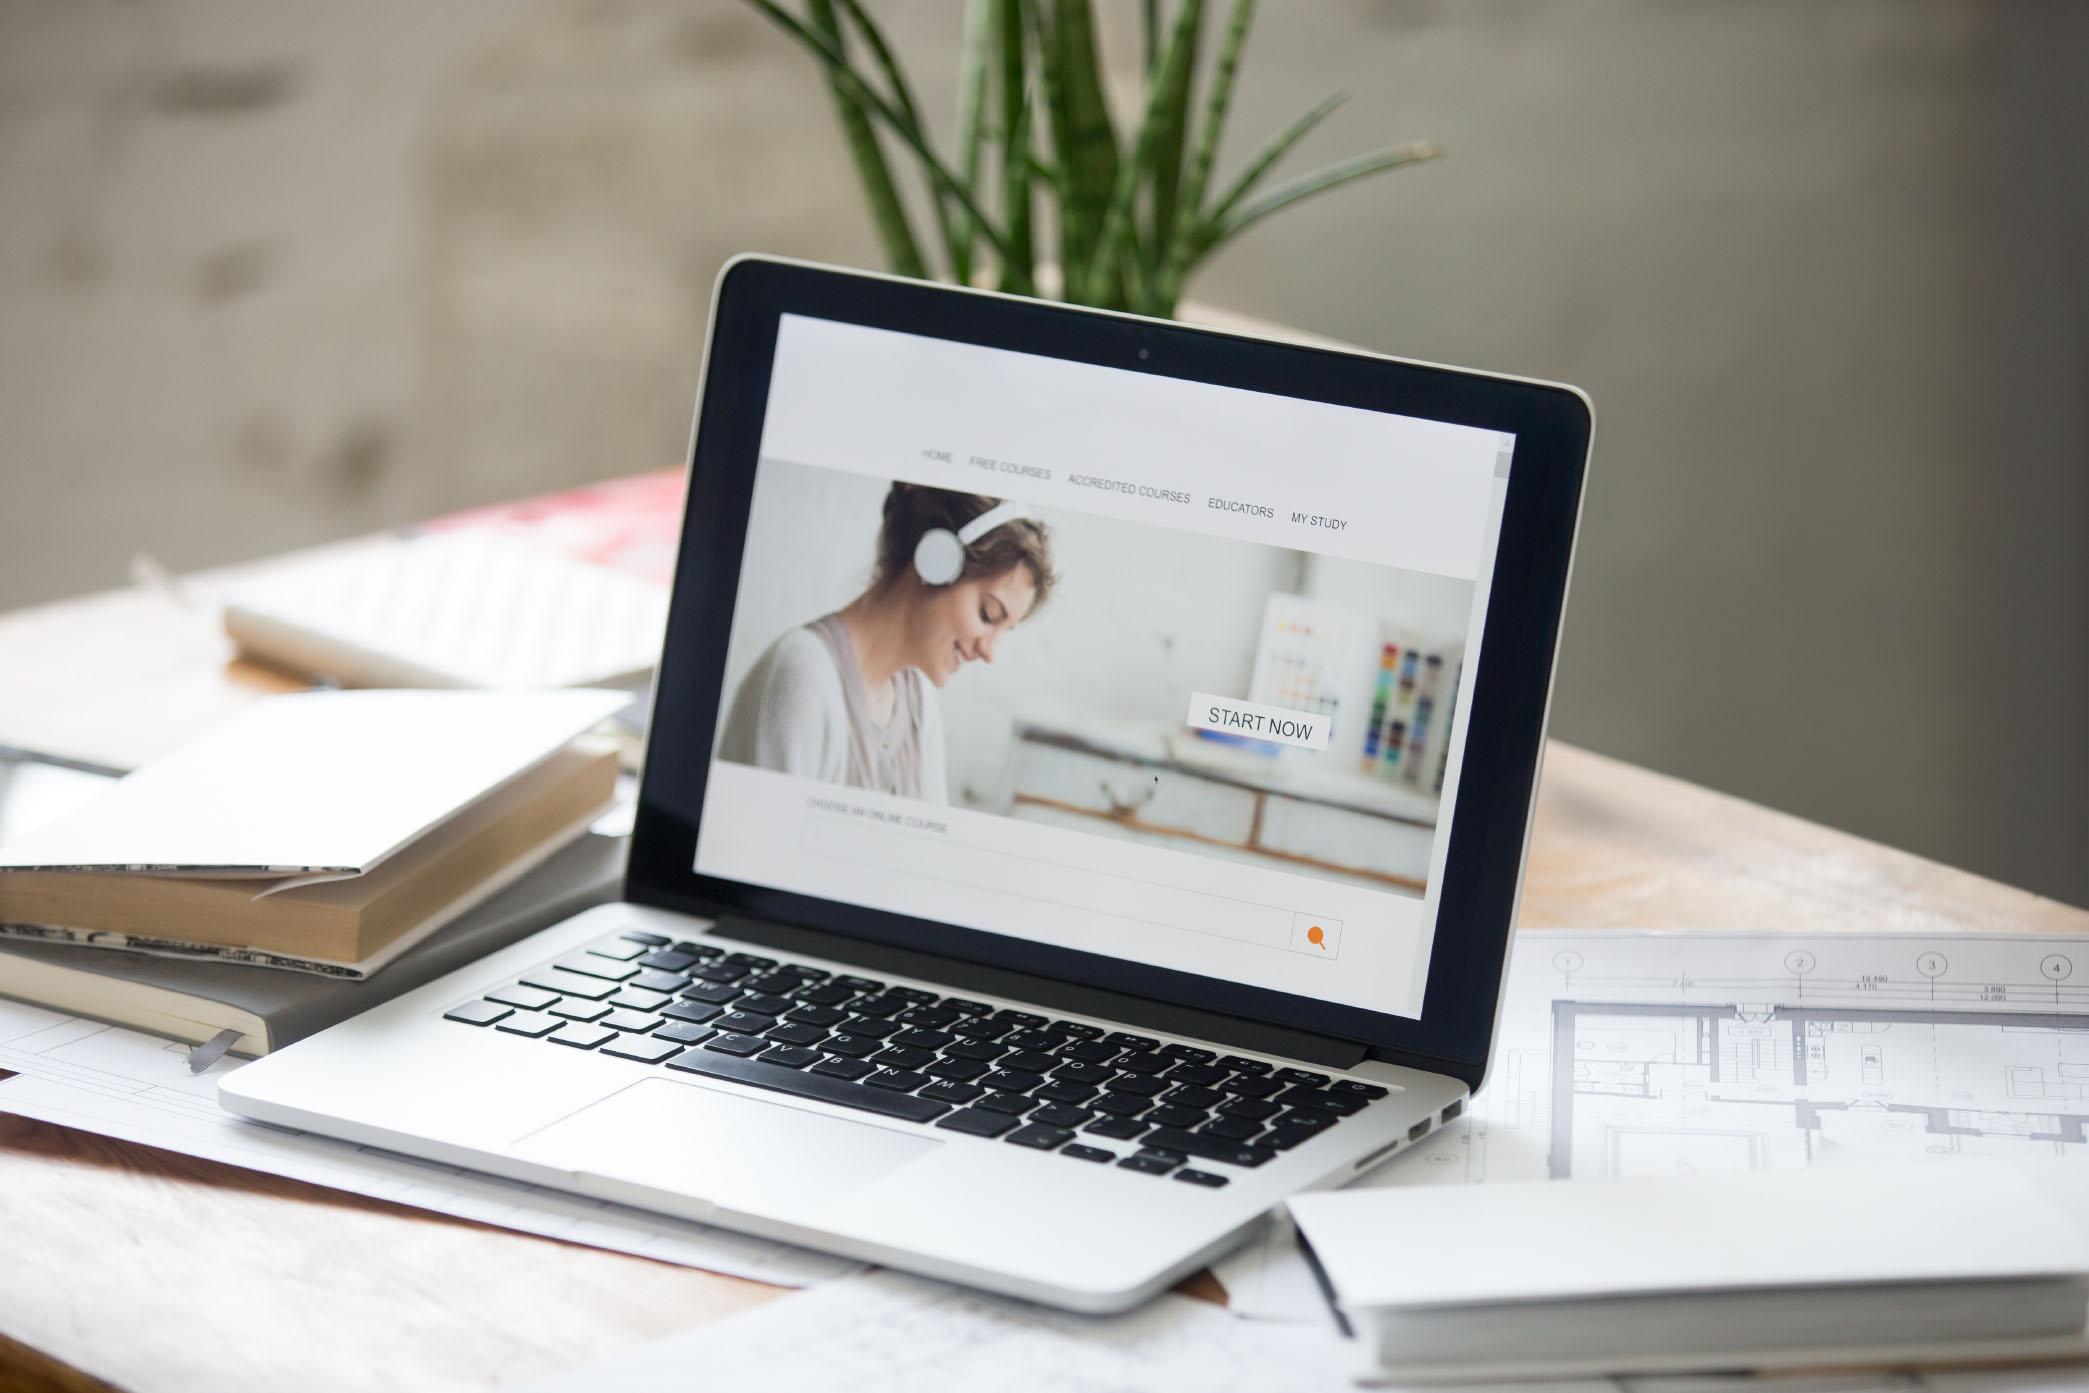 Votre site vitrine. NGDesign concepteur de site web proche de Chambéry en Savoie